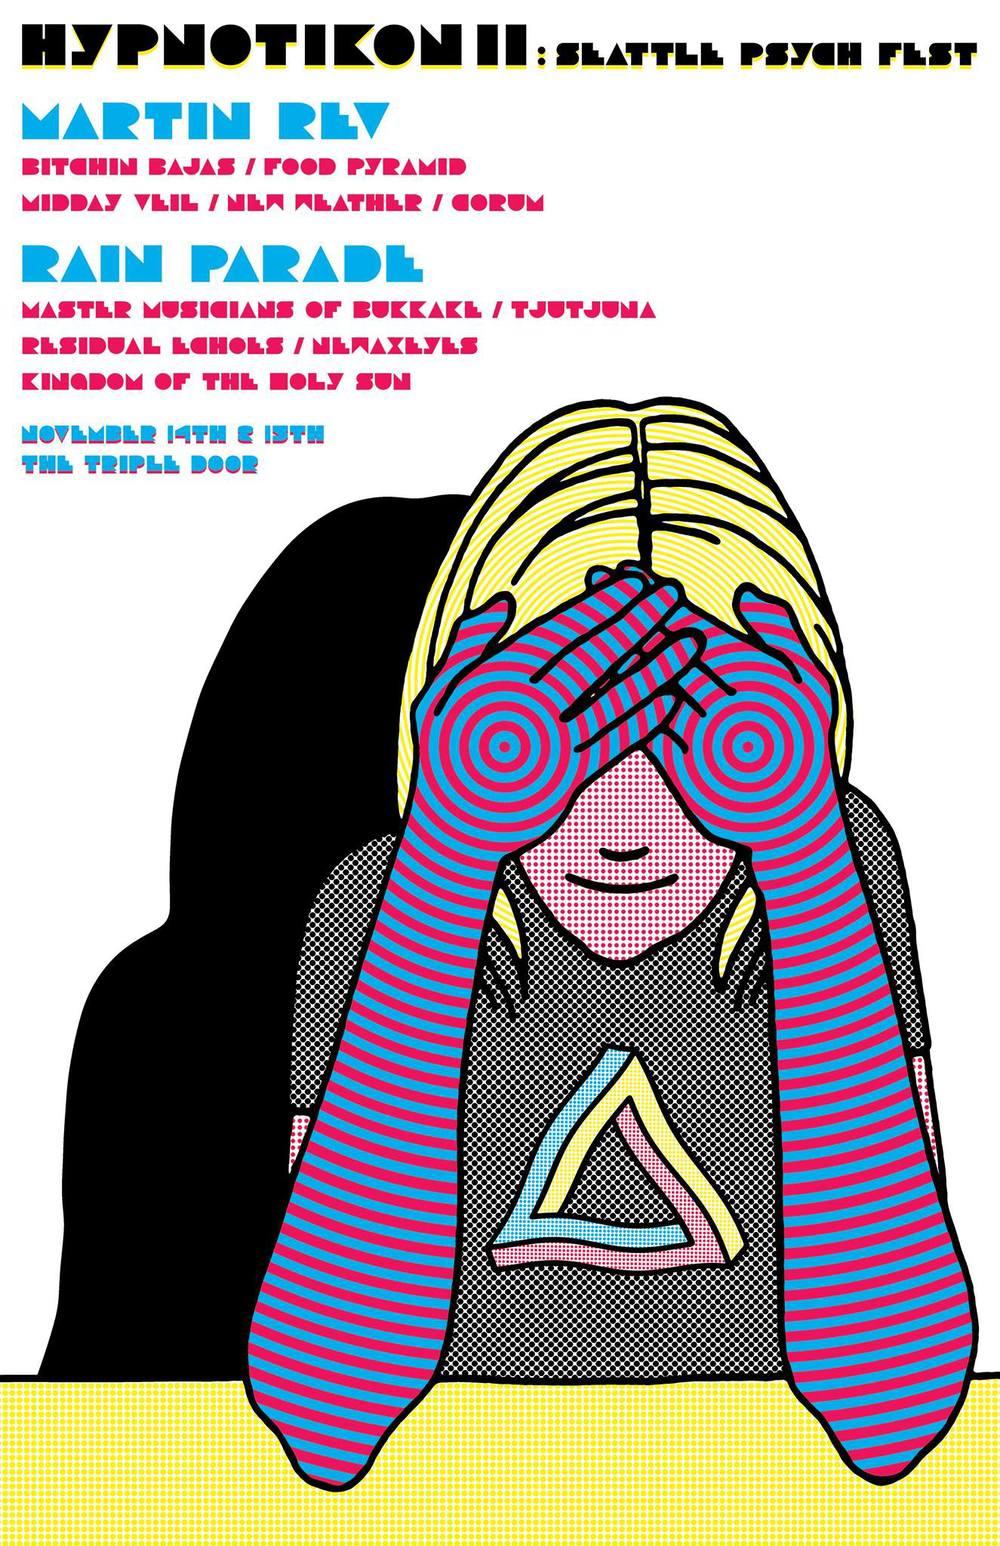 11.15.14 Hypnotikon II: Seattle Psych Fest The Triple Door, Seattle, WA